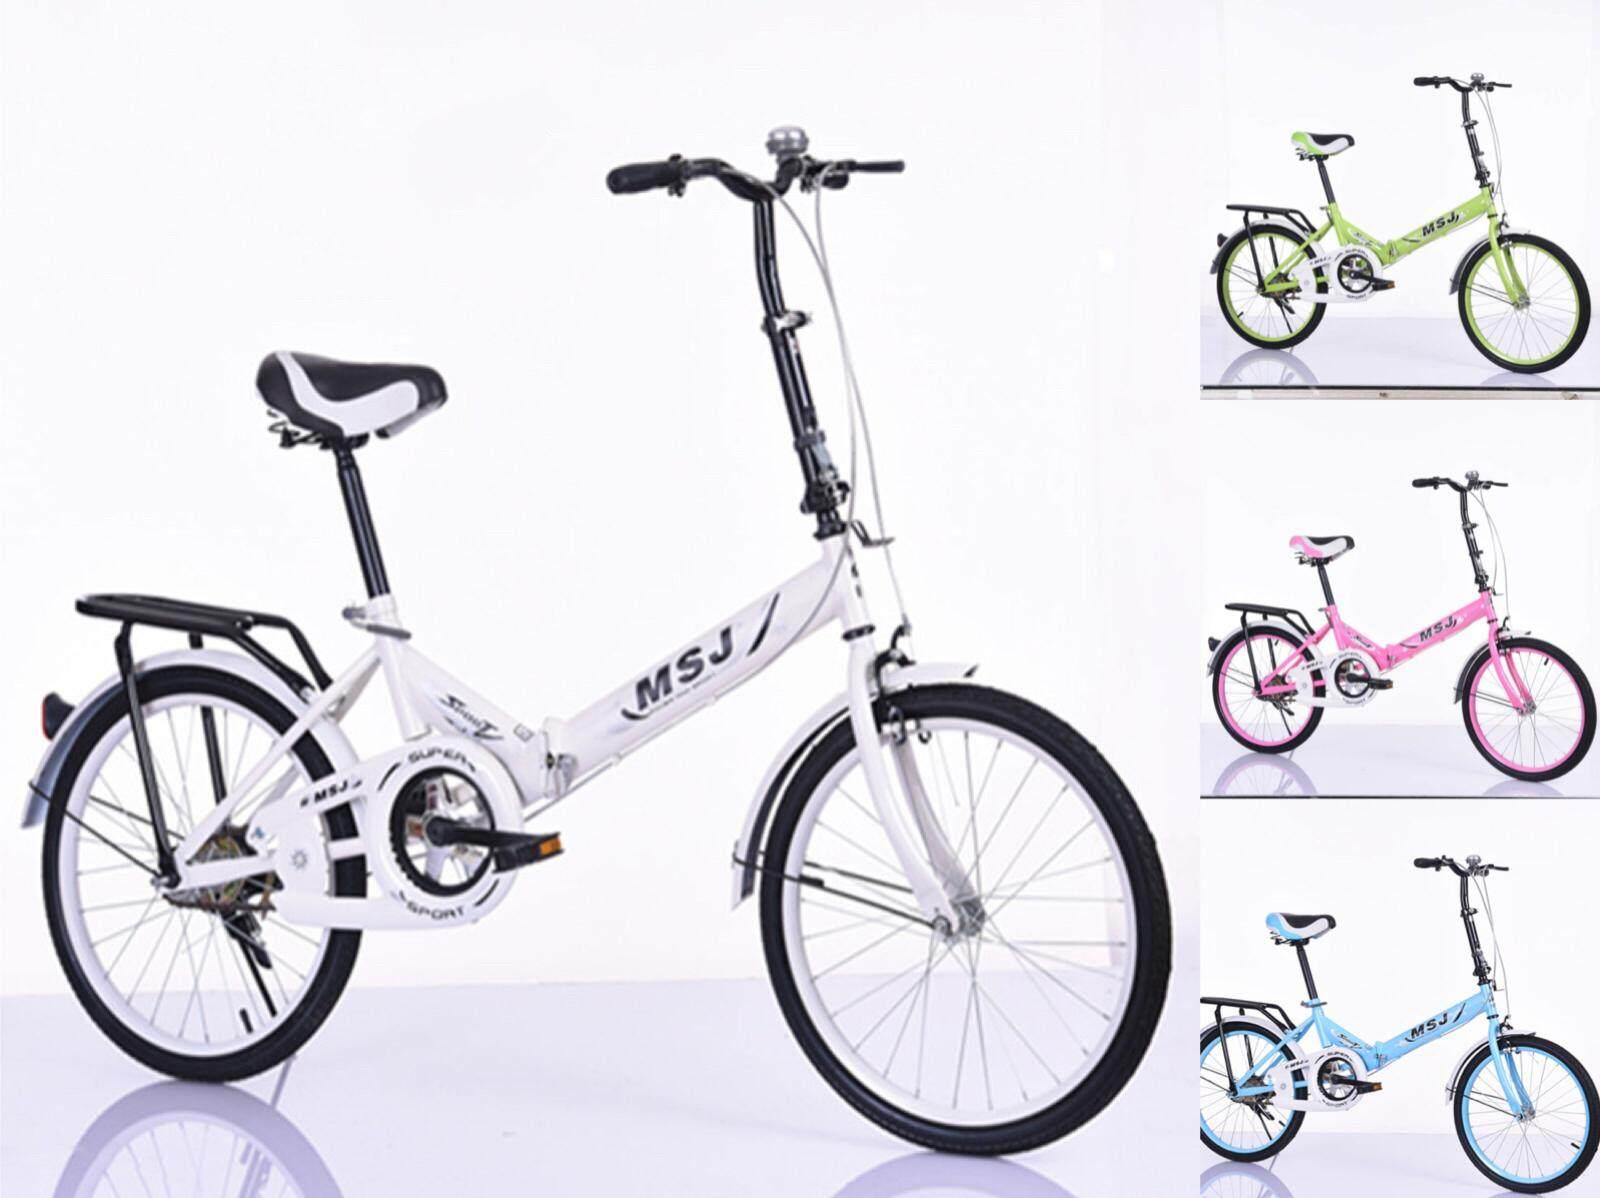 จักรยานพับได้ จักรยานพกพา 20 นิ้ว Foldable Bicycle(ffb) By Good&cheap.